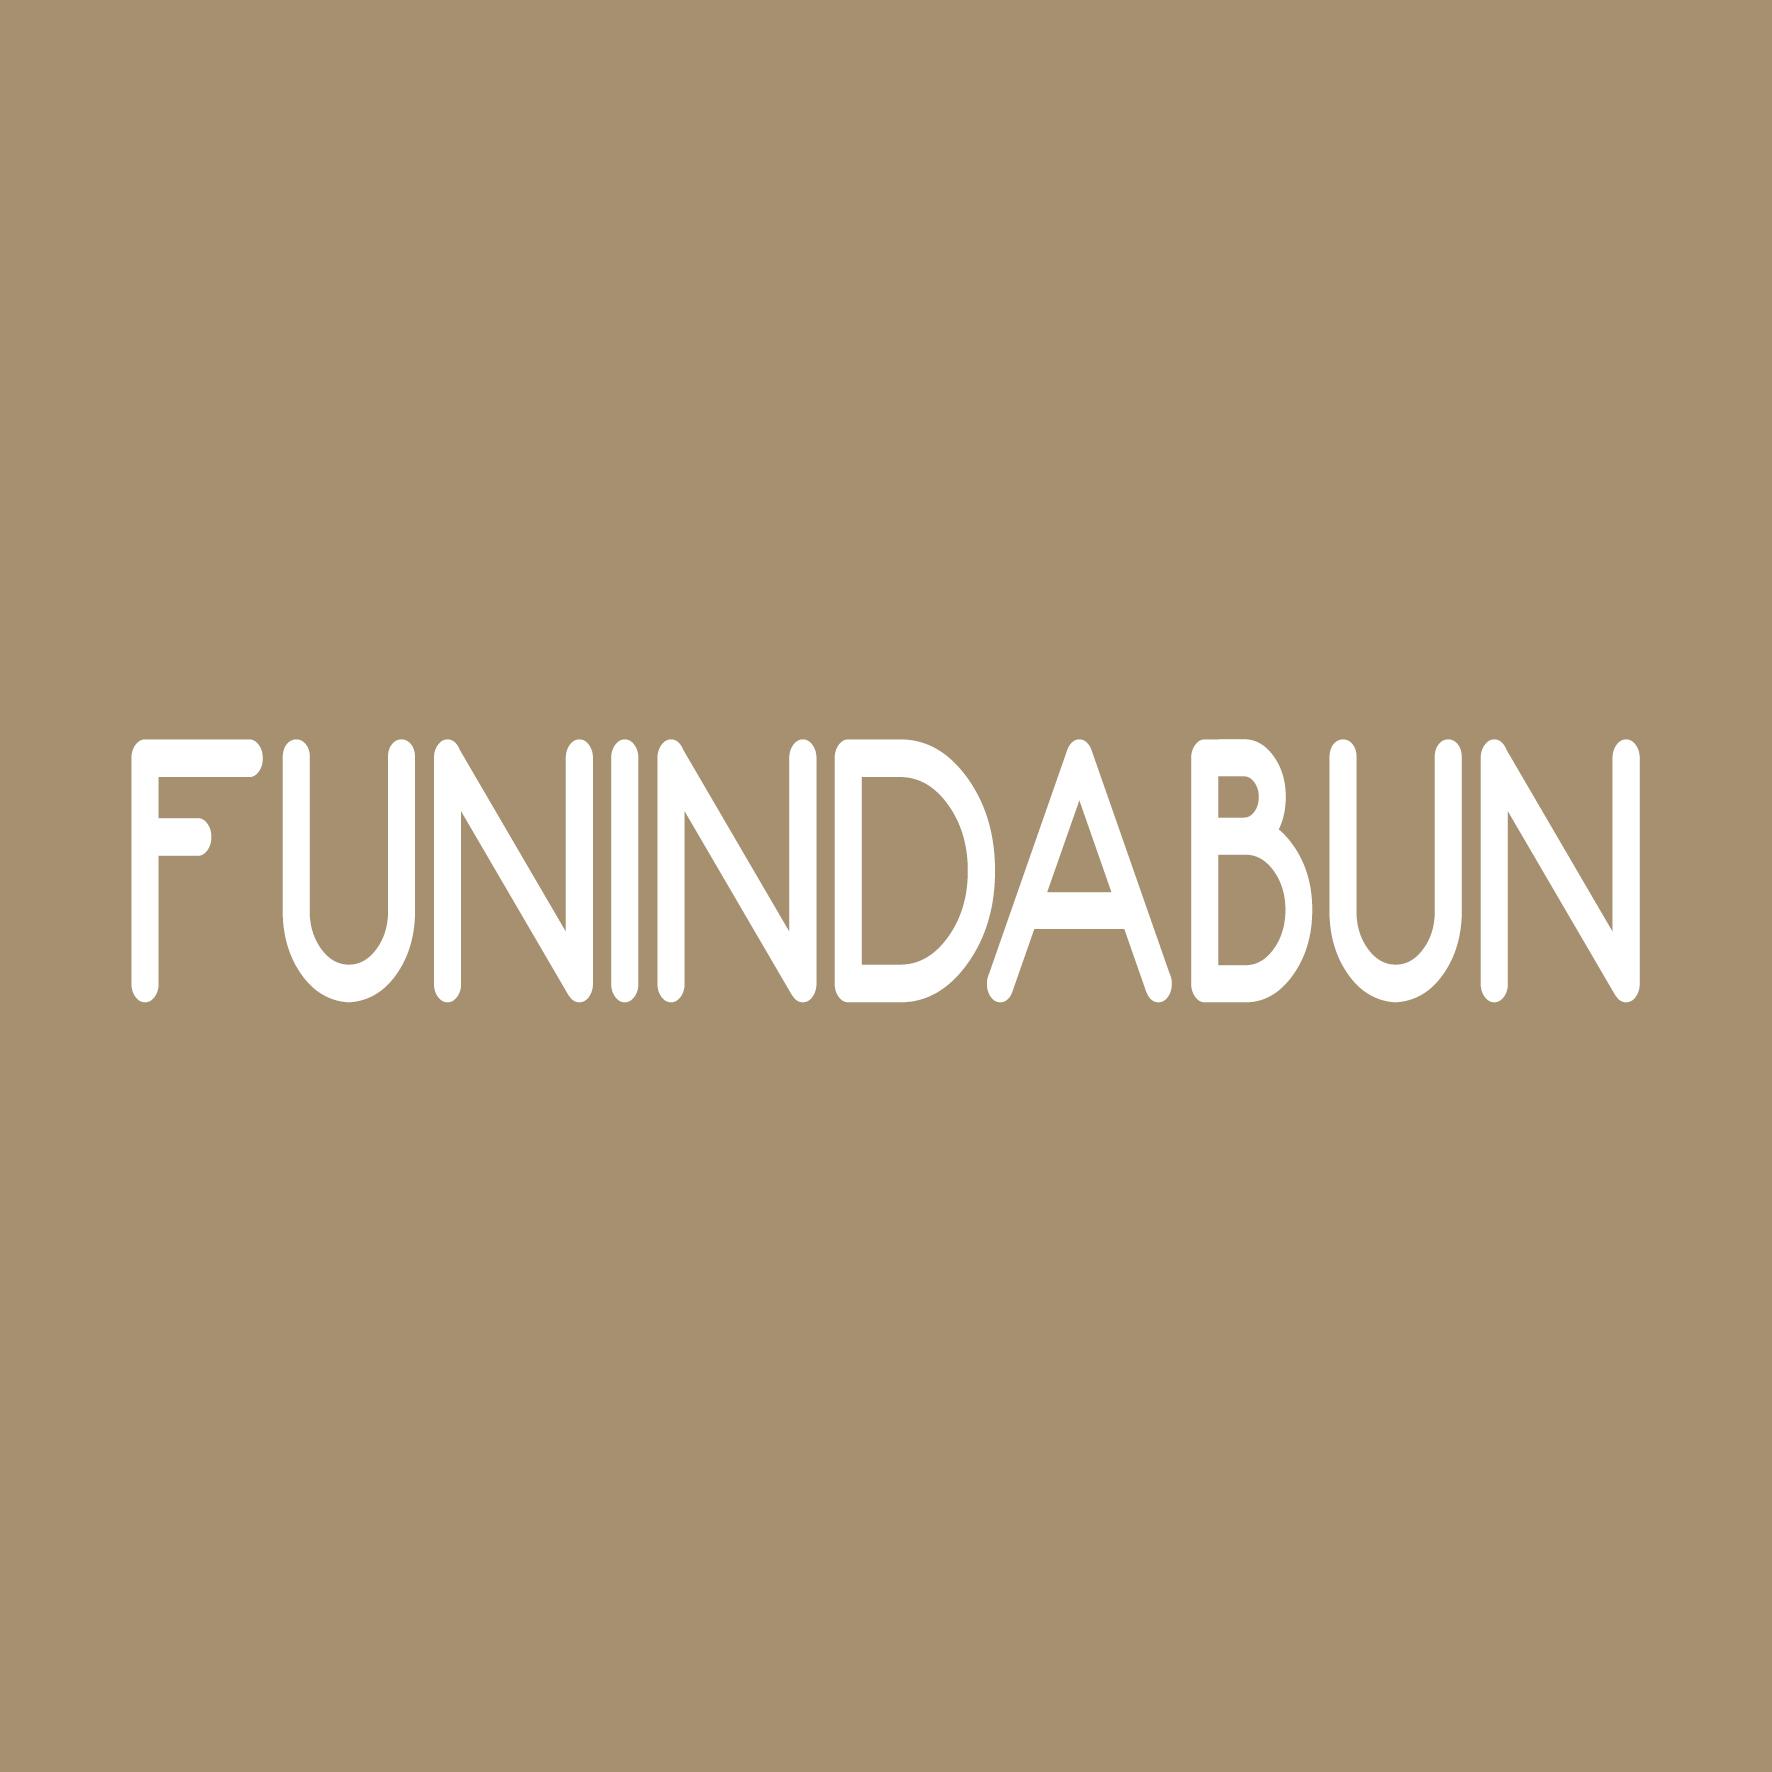 Funindabun